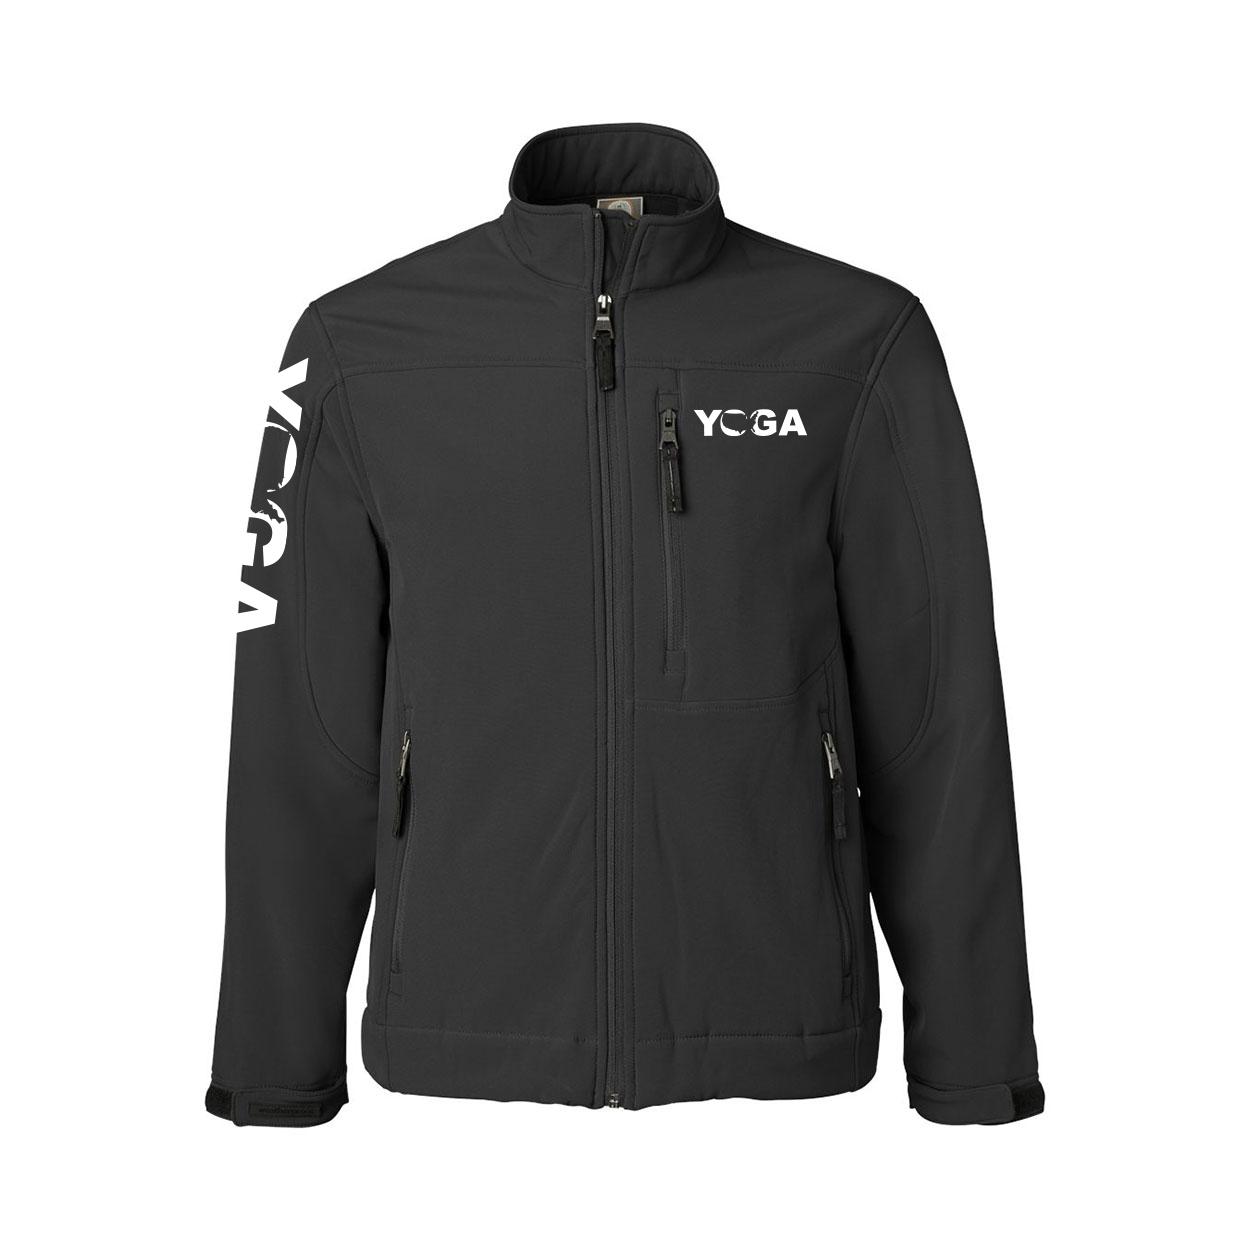 Yoga United States Classic Soft Shell Weatherproof Jacket (White Logo)